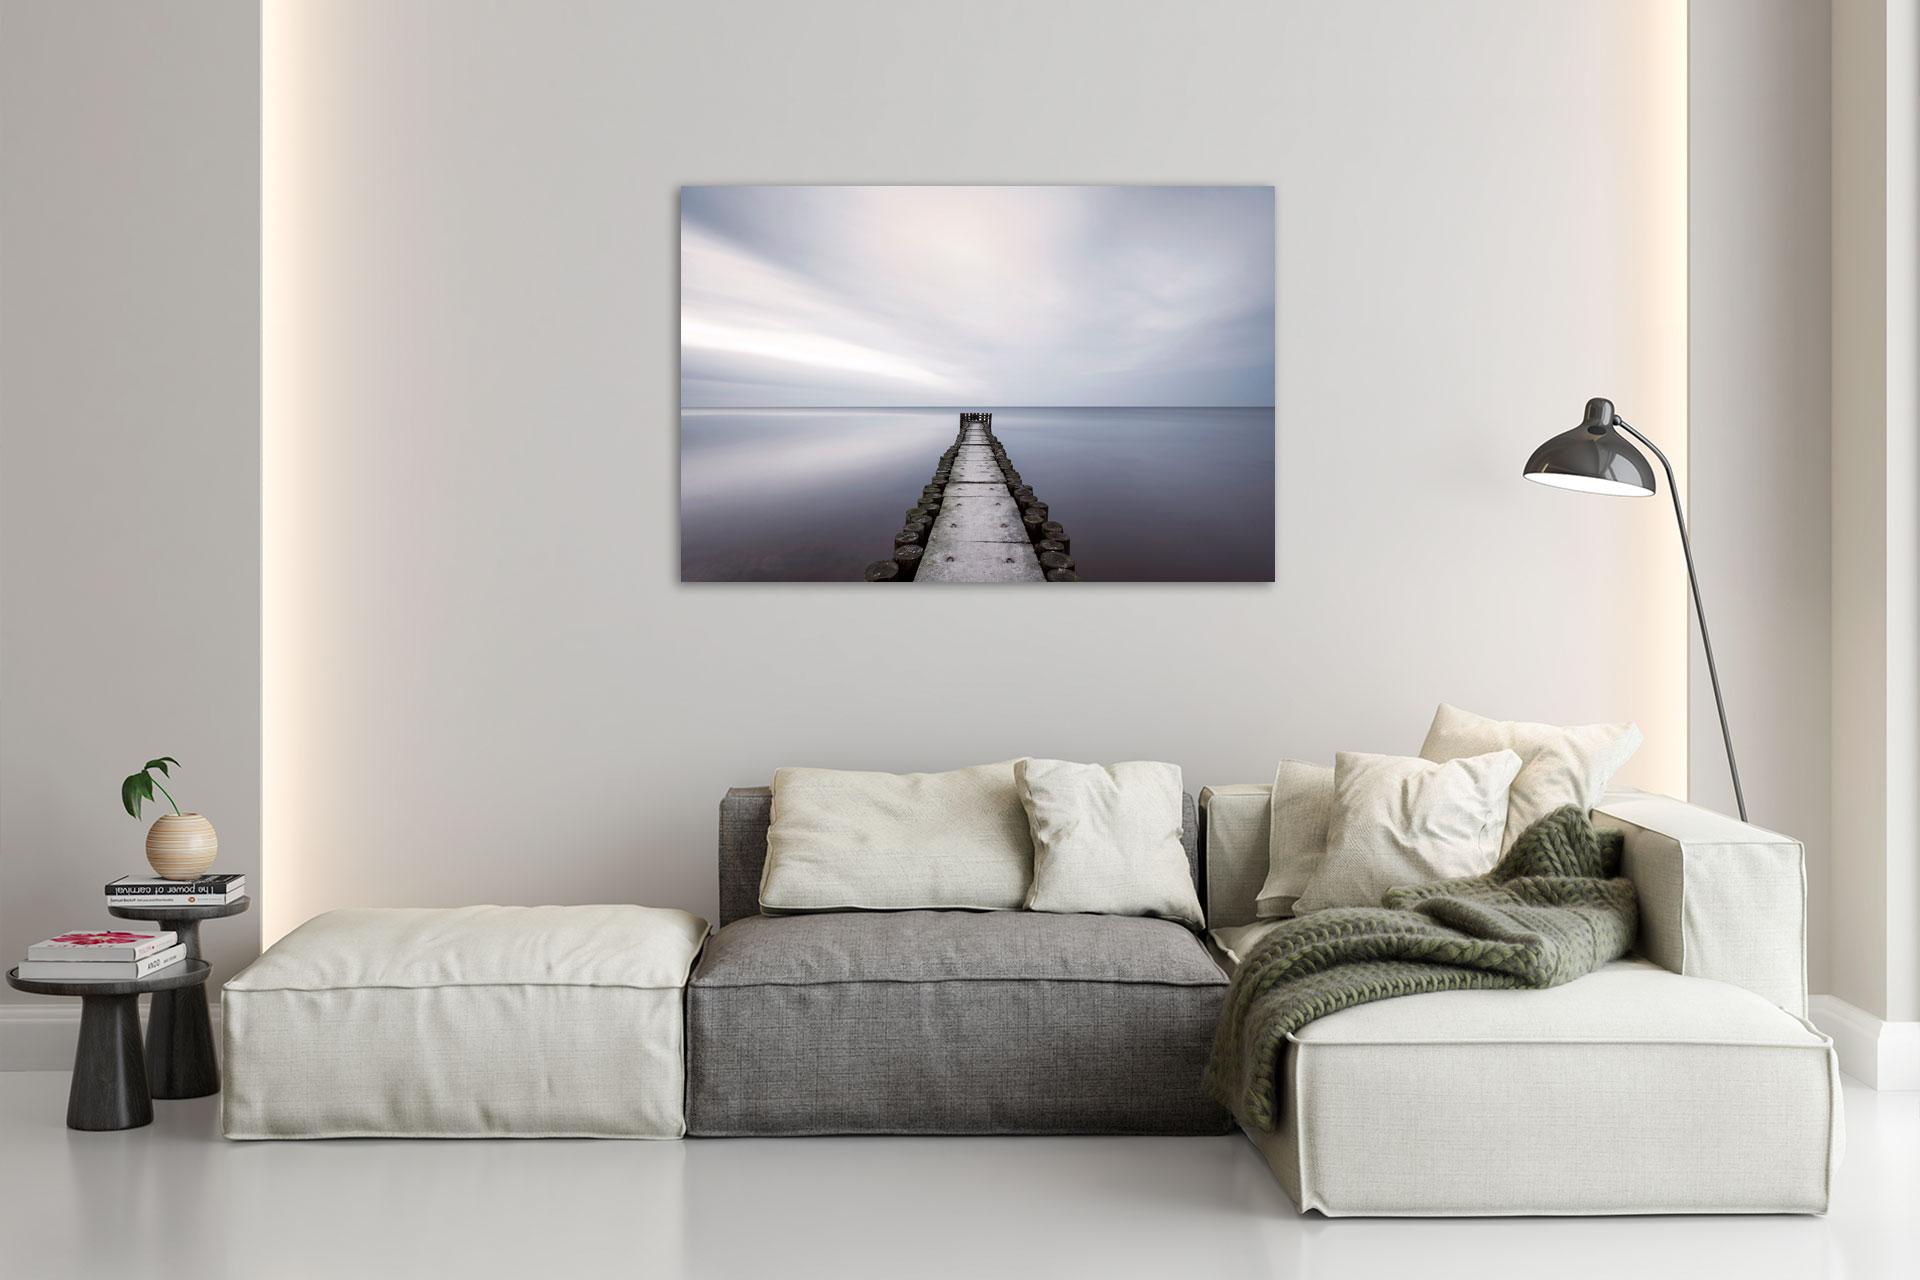 LCW494-stille-ostsee-wandbild-bild-auf-leinwand-acrylglas-aludibond-wohnzimmer